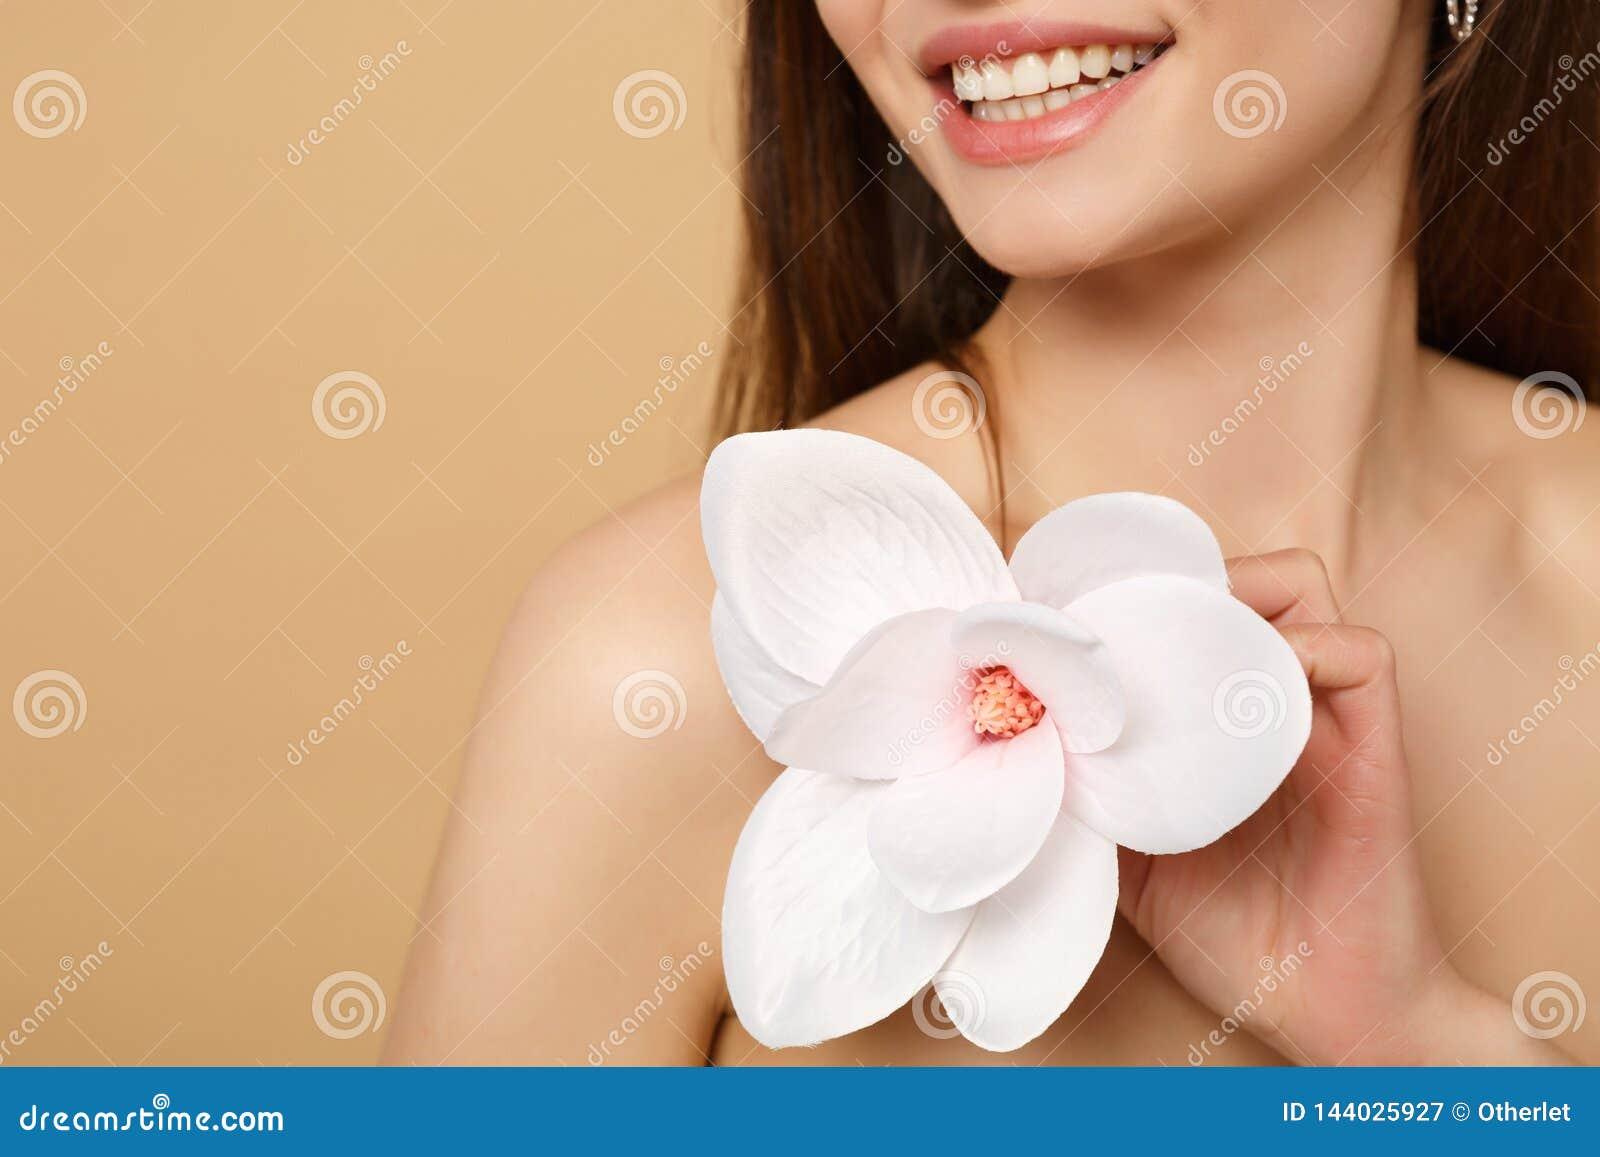 Κλείστε επάνω την ημίγυμνη δεκαετία του  20 γυναικών brunette με το τέλειο δέρμα, nude αποτελέστε απομονωμένος στο μπεζ υπόβαθρο